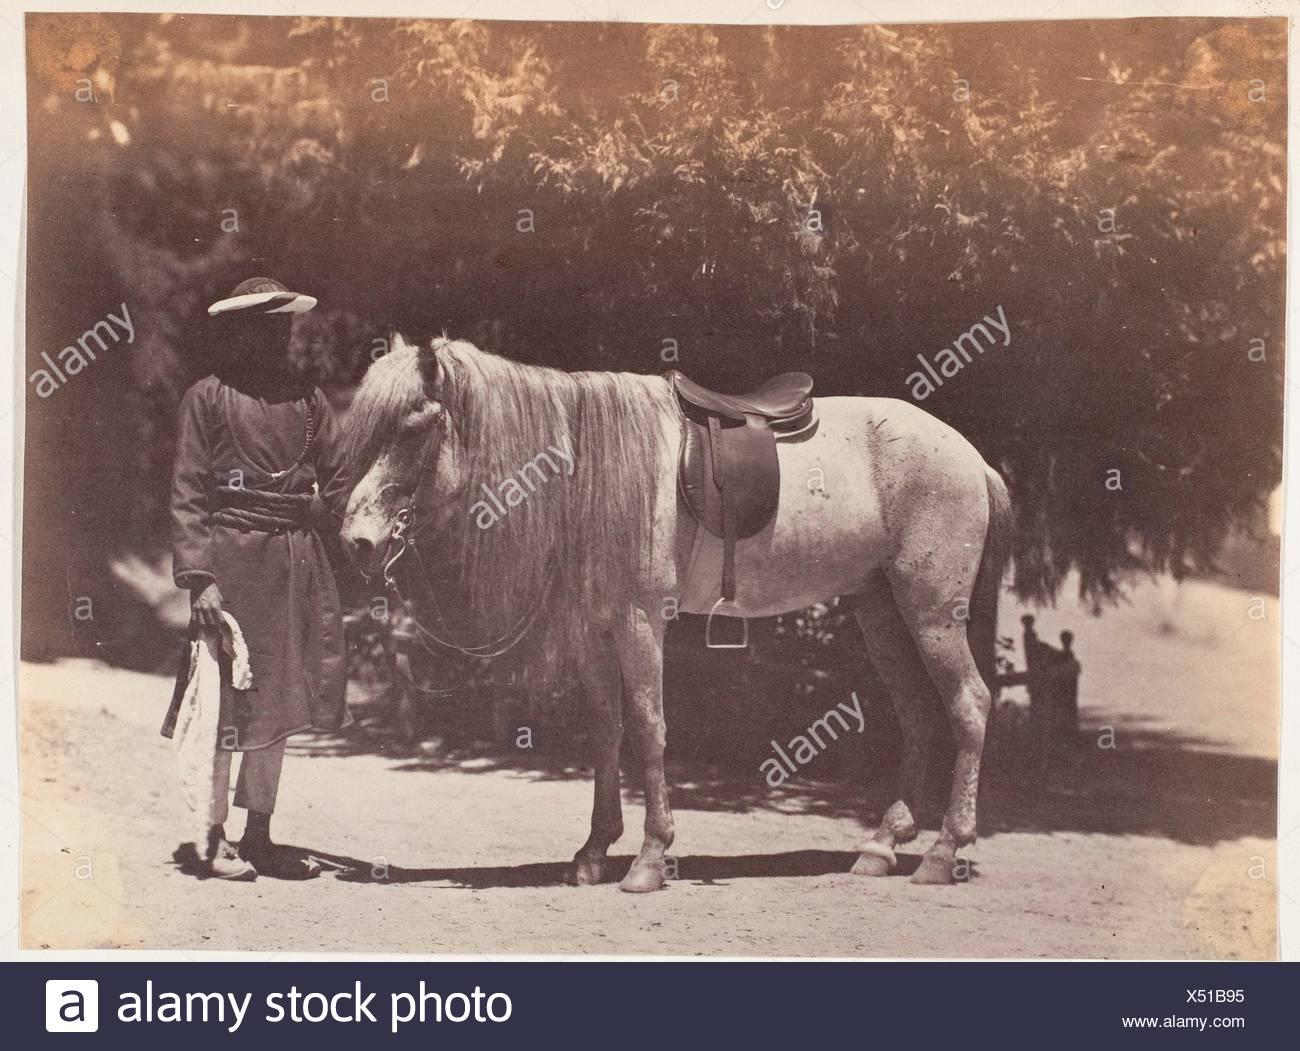 [Lord Canning Hill Pony]. Artist: Unbekannt; Datum: 1858-61; Medium: Eiweiß Silber drucken; Abmessungen: Bild: 19,7 x 14,6 cm (7 3/4 x 5 3/4 in.); Stockbild